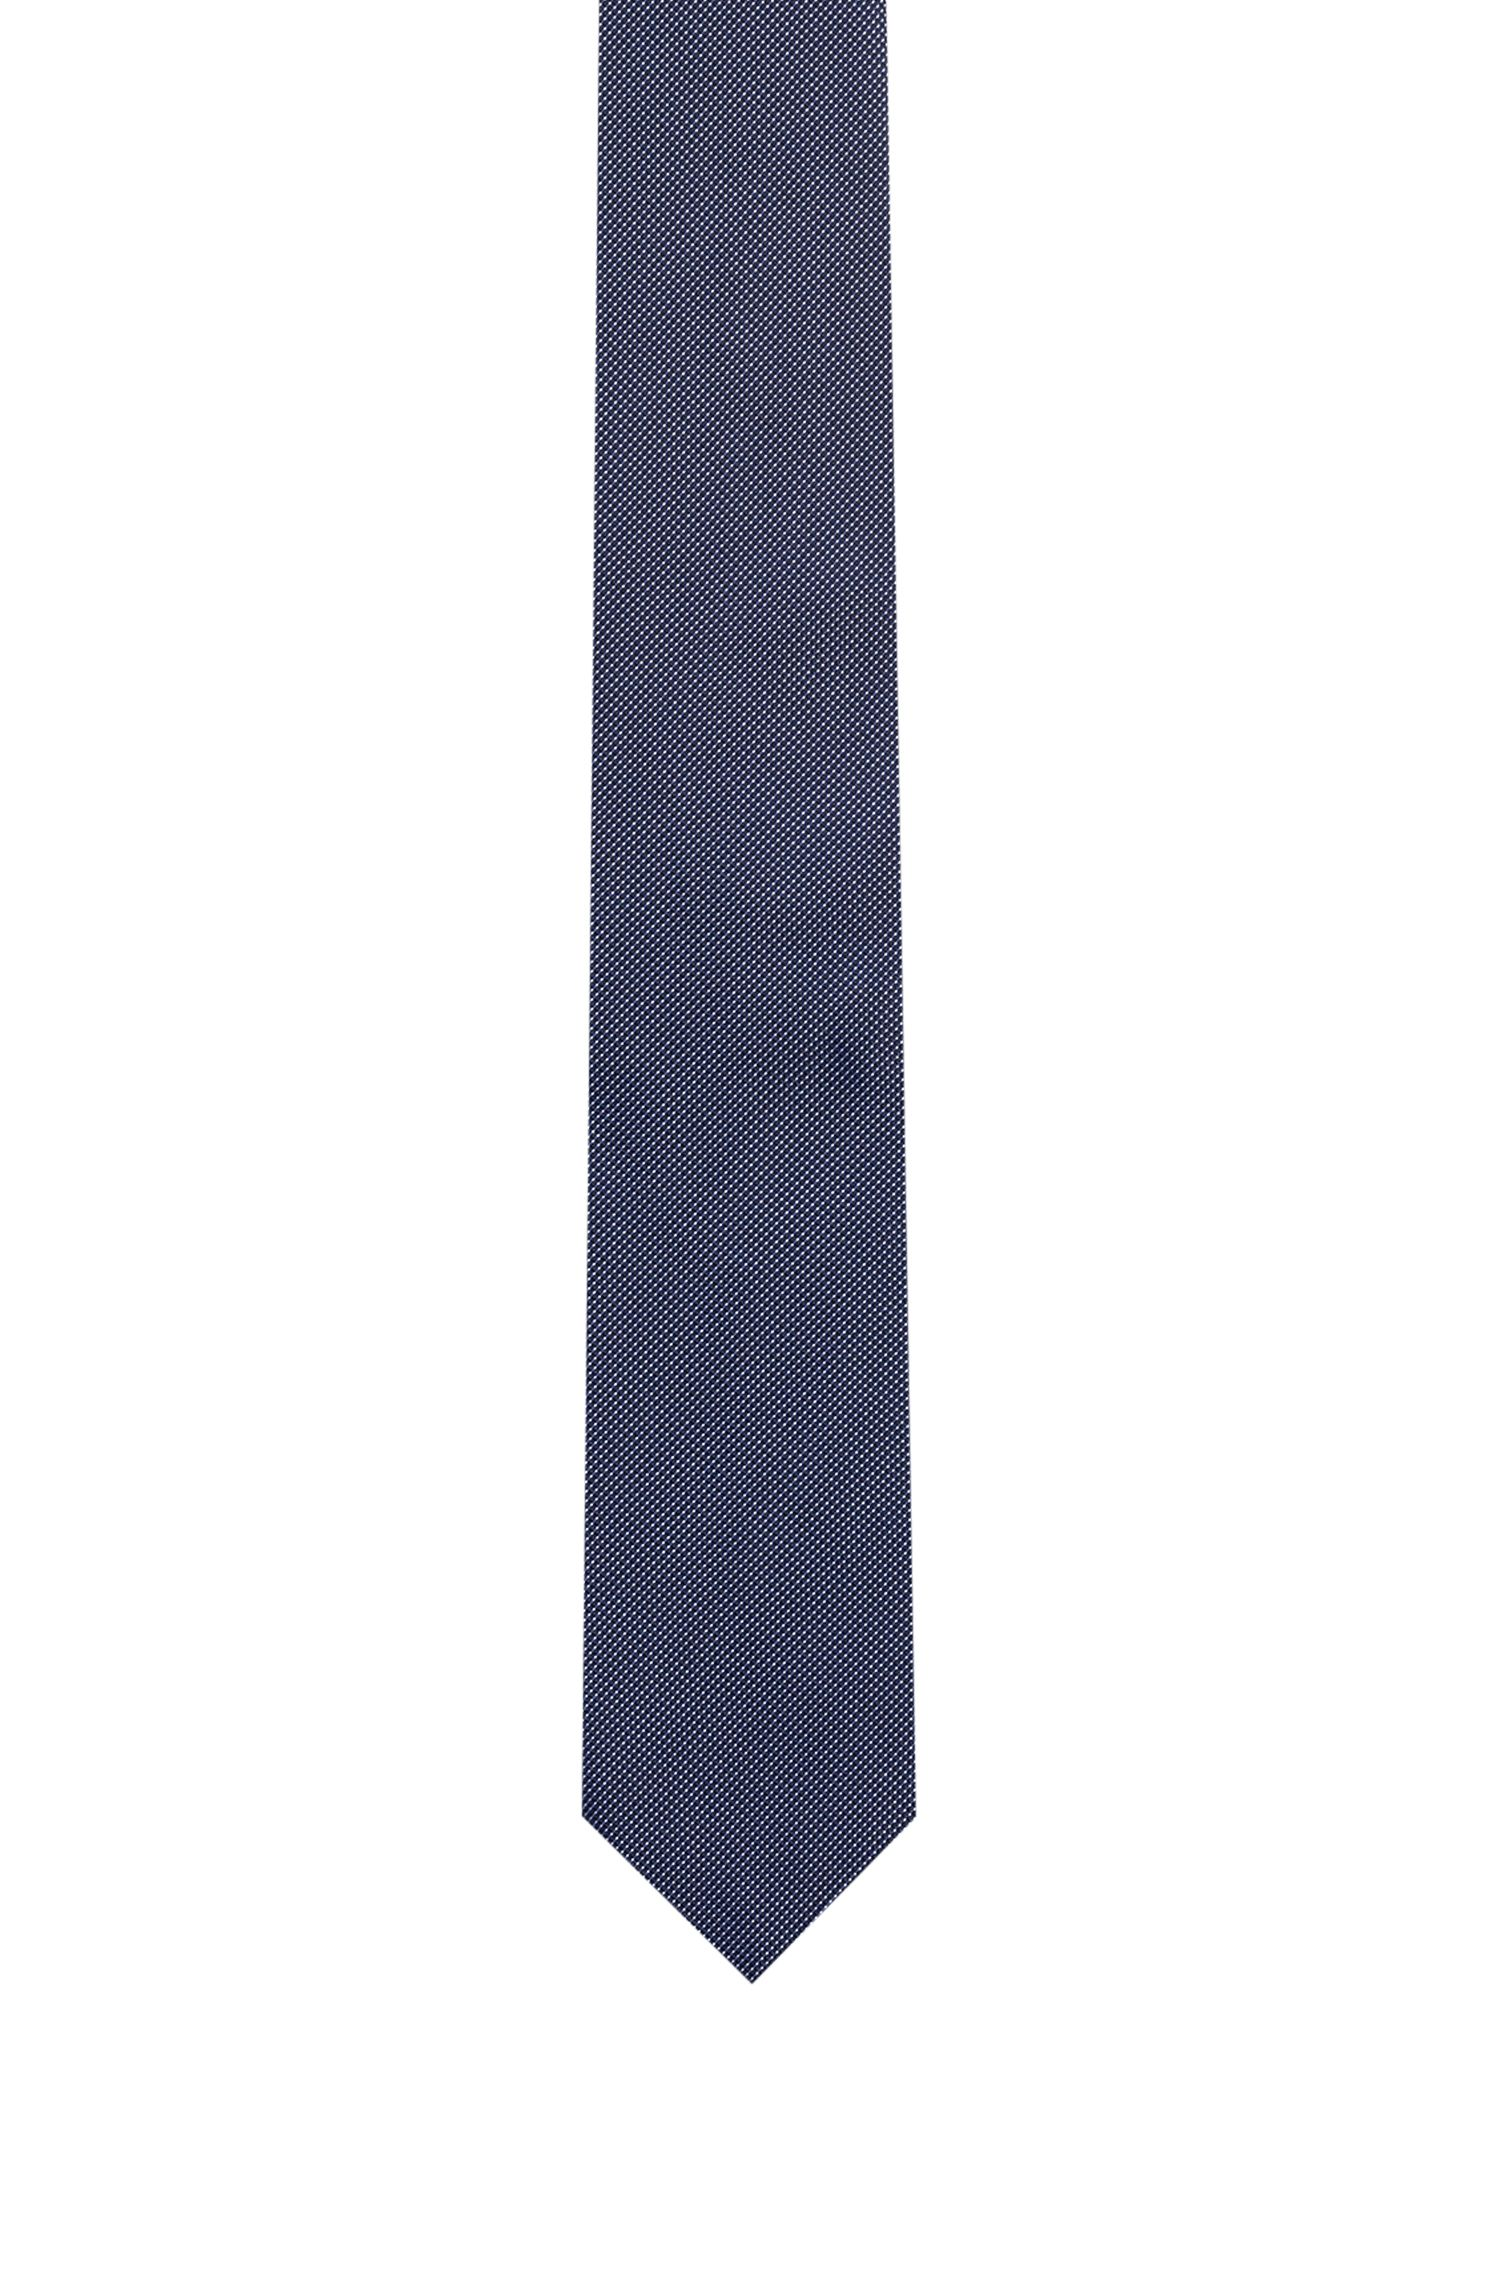 Cravate jacquard en pure soie à micro-pois, Bleu foncé